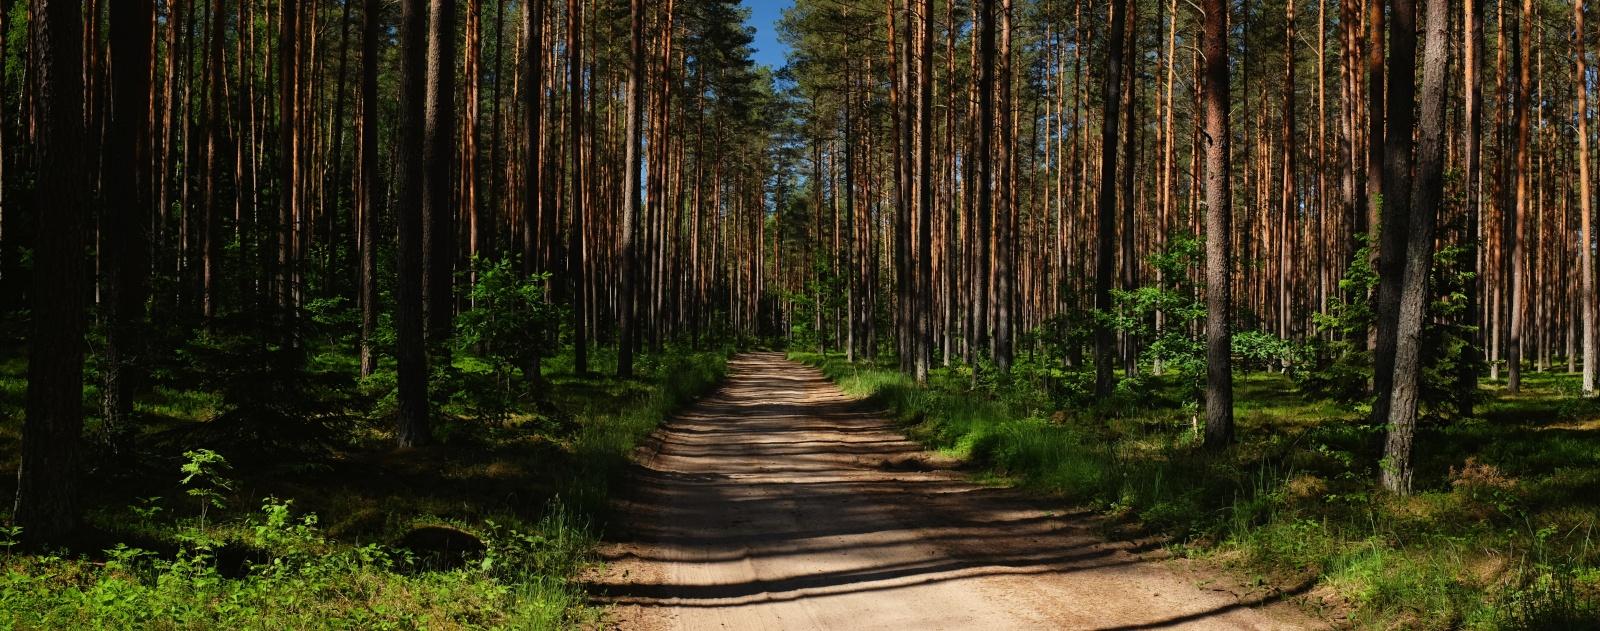 hydra trail